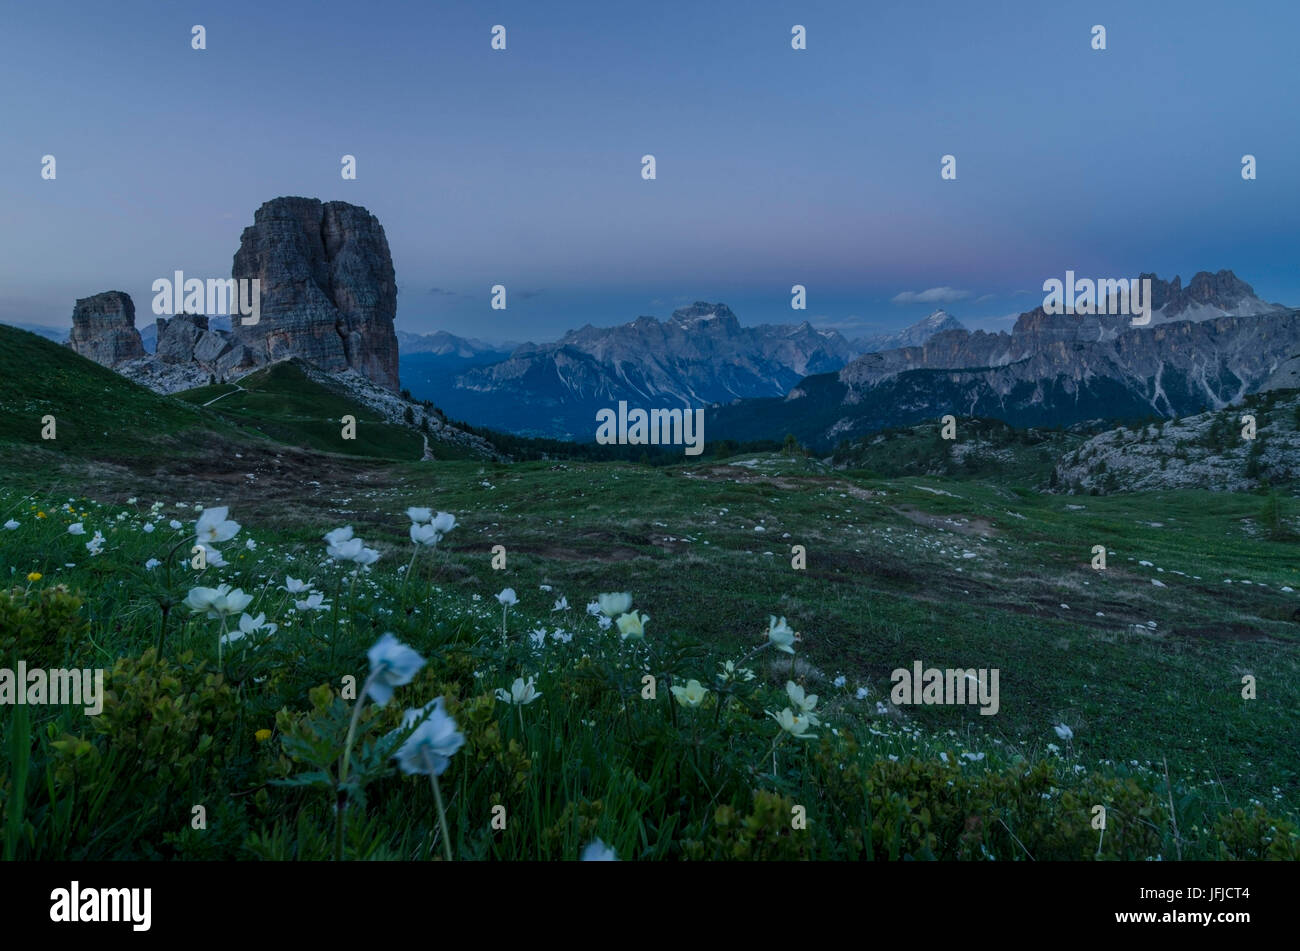 Cinque Torri, Falzarego Pass, Cortina d'Ampezzo, Dolomiti, Dolomites, Veneto, Italy, Cinque Torri - Stock Image